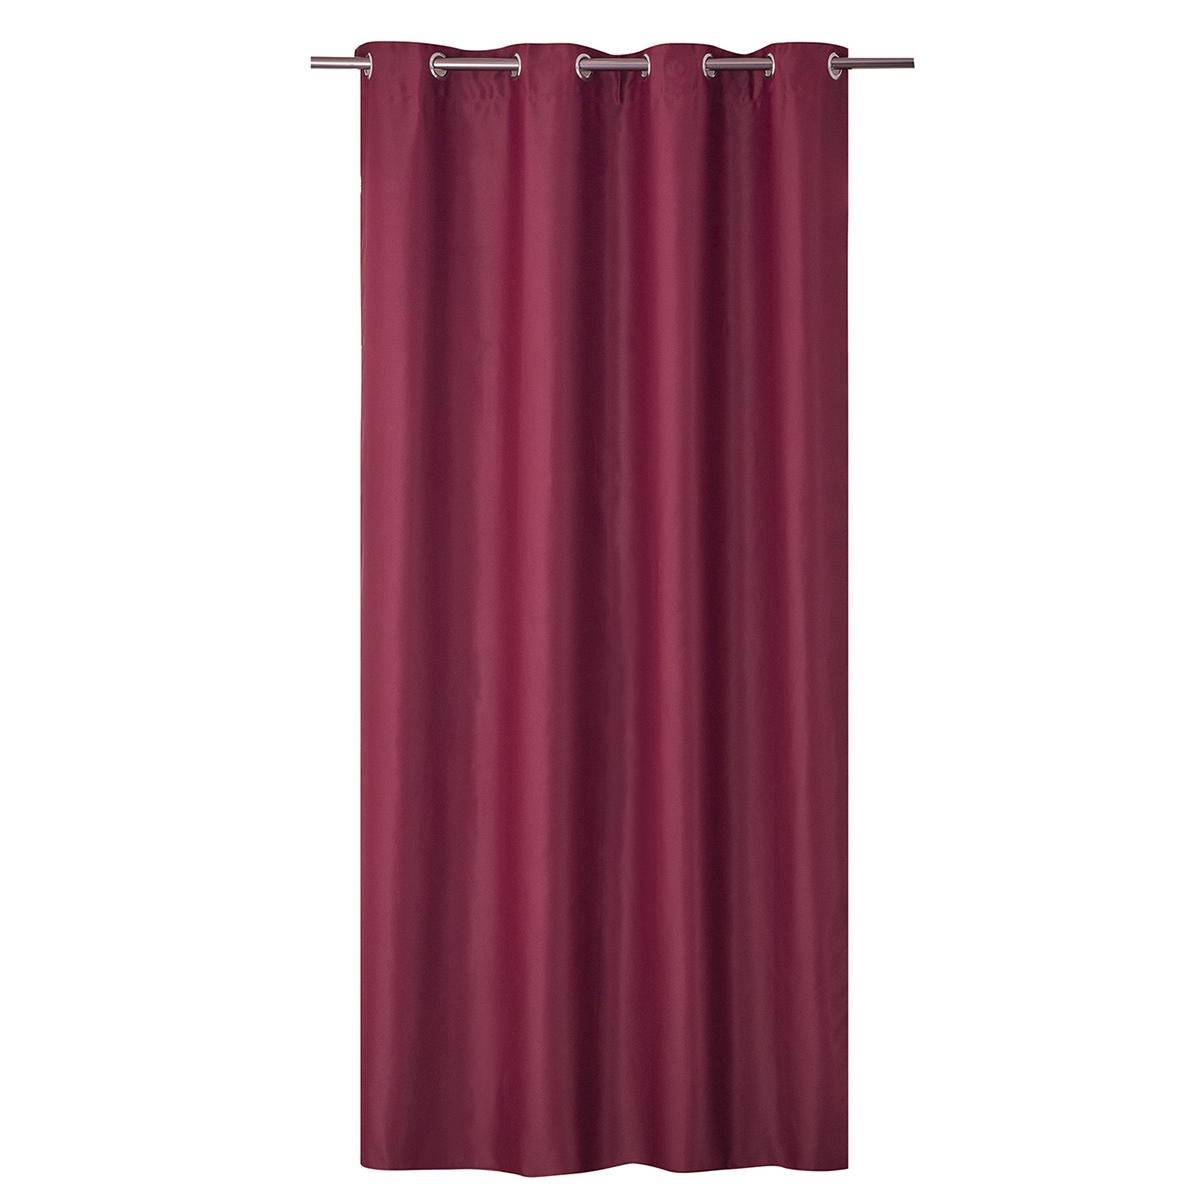 Rideau Occultant Uni Grande Largeur - Rouge - 240 x 260 cm